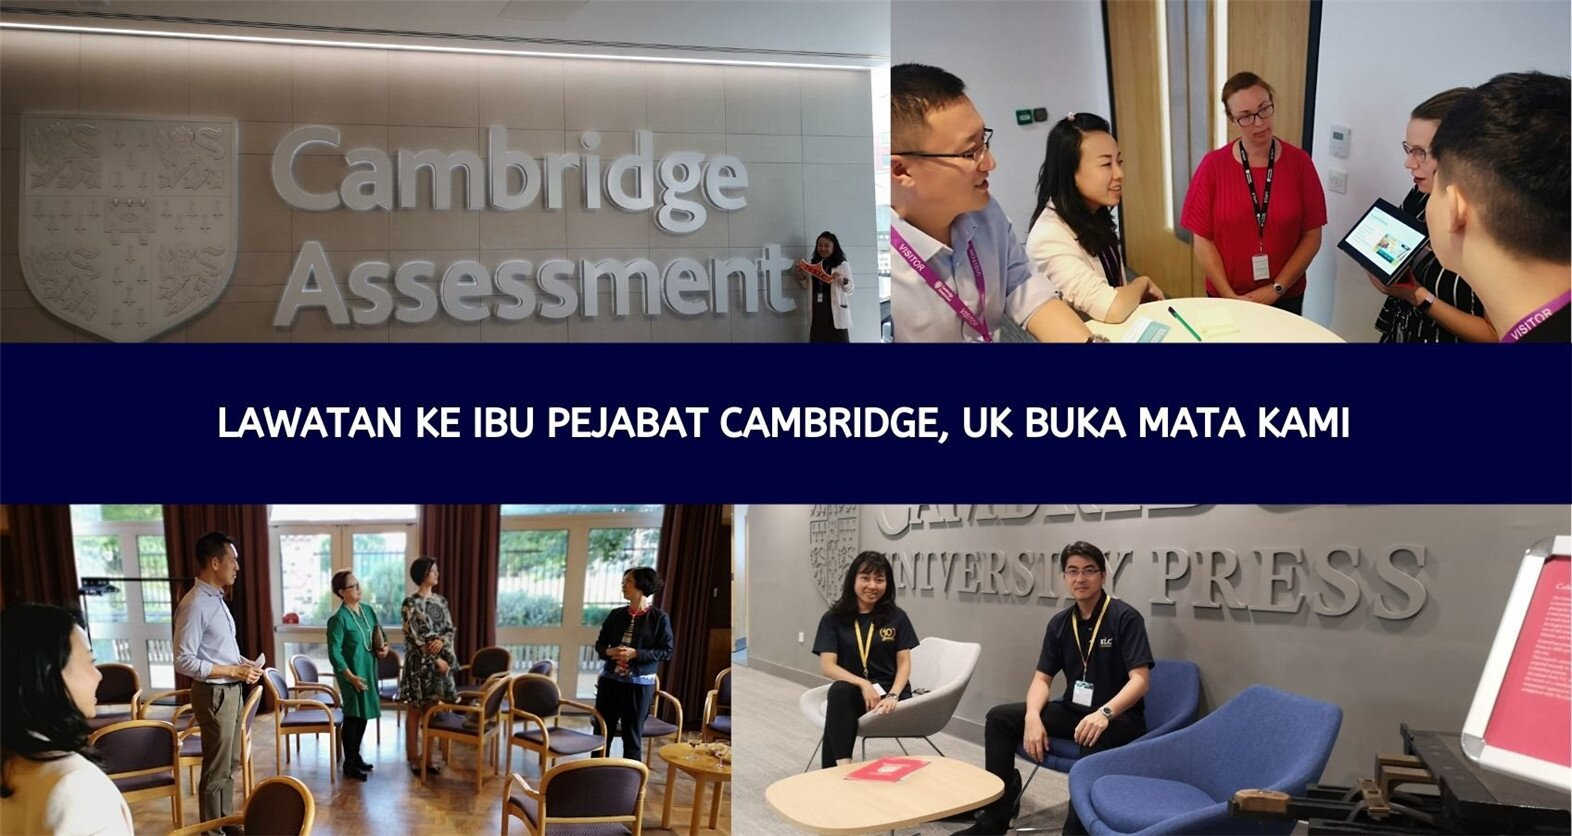 Lawatan ke Cambridge, UK Buka Mata Kami